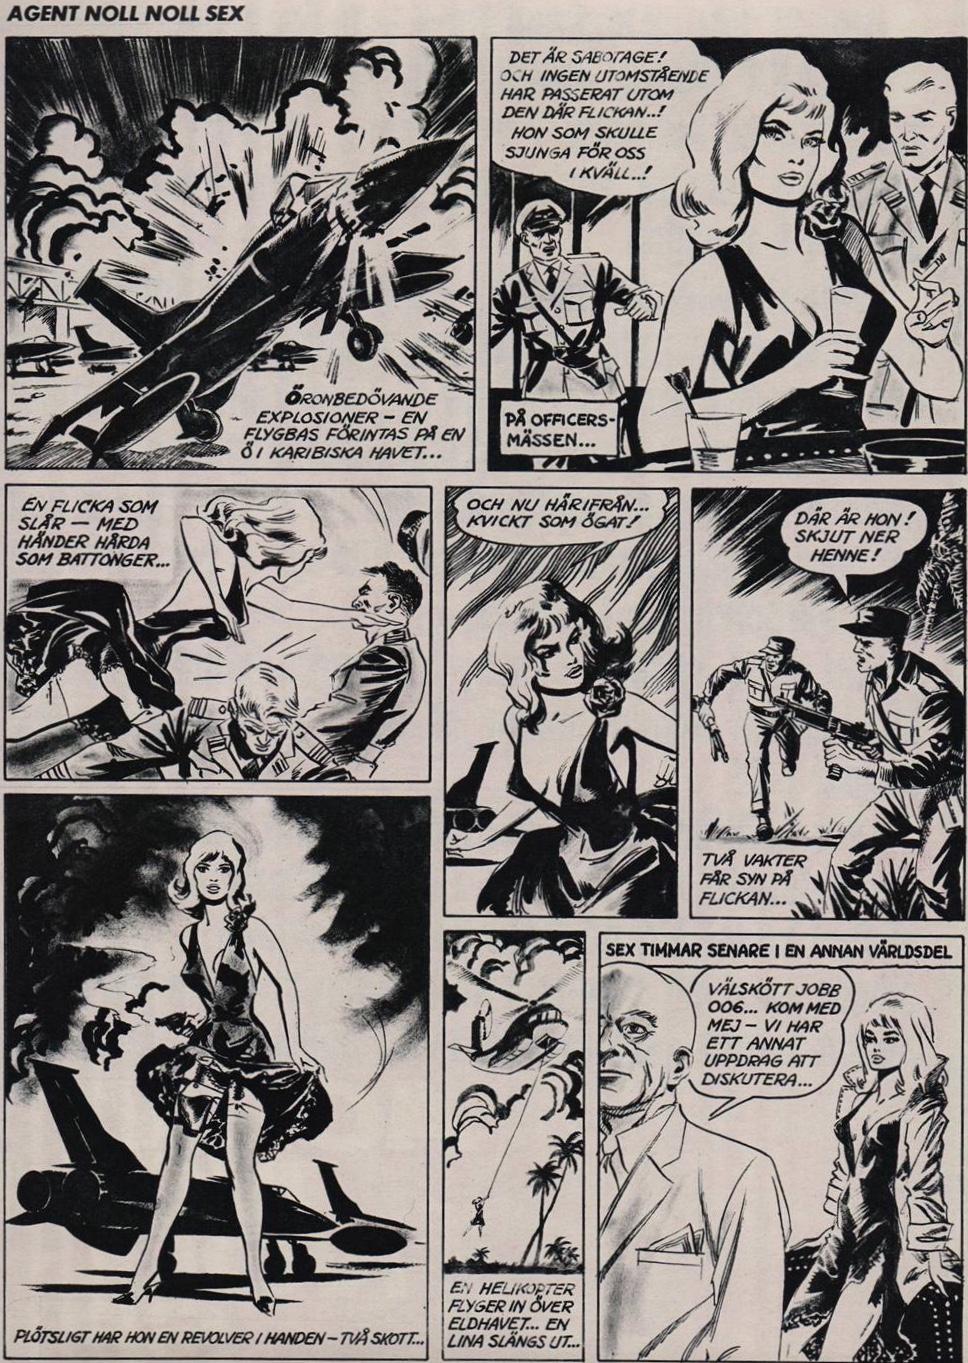 Agent noll noll sex av Eugen Semitjov, ur SE nr 24, 1965